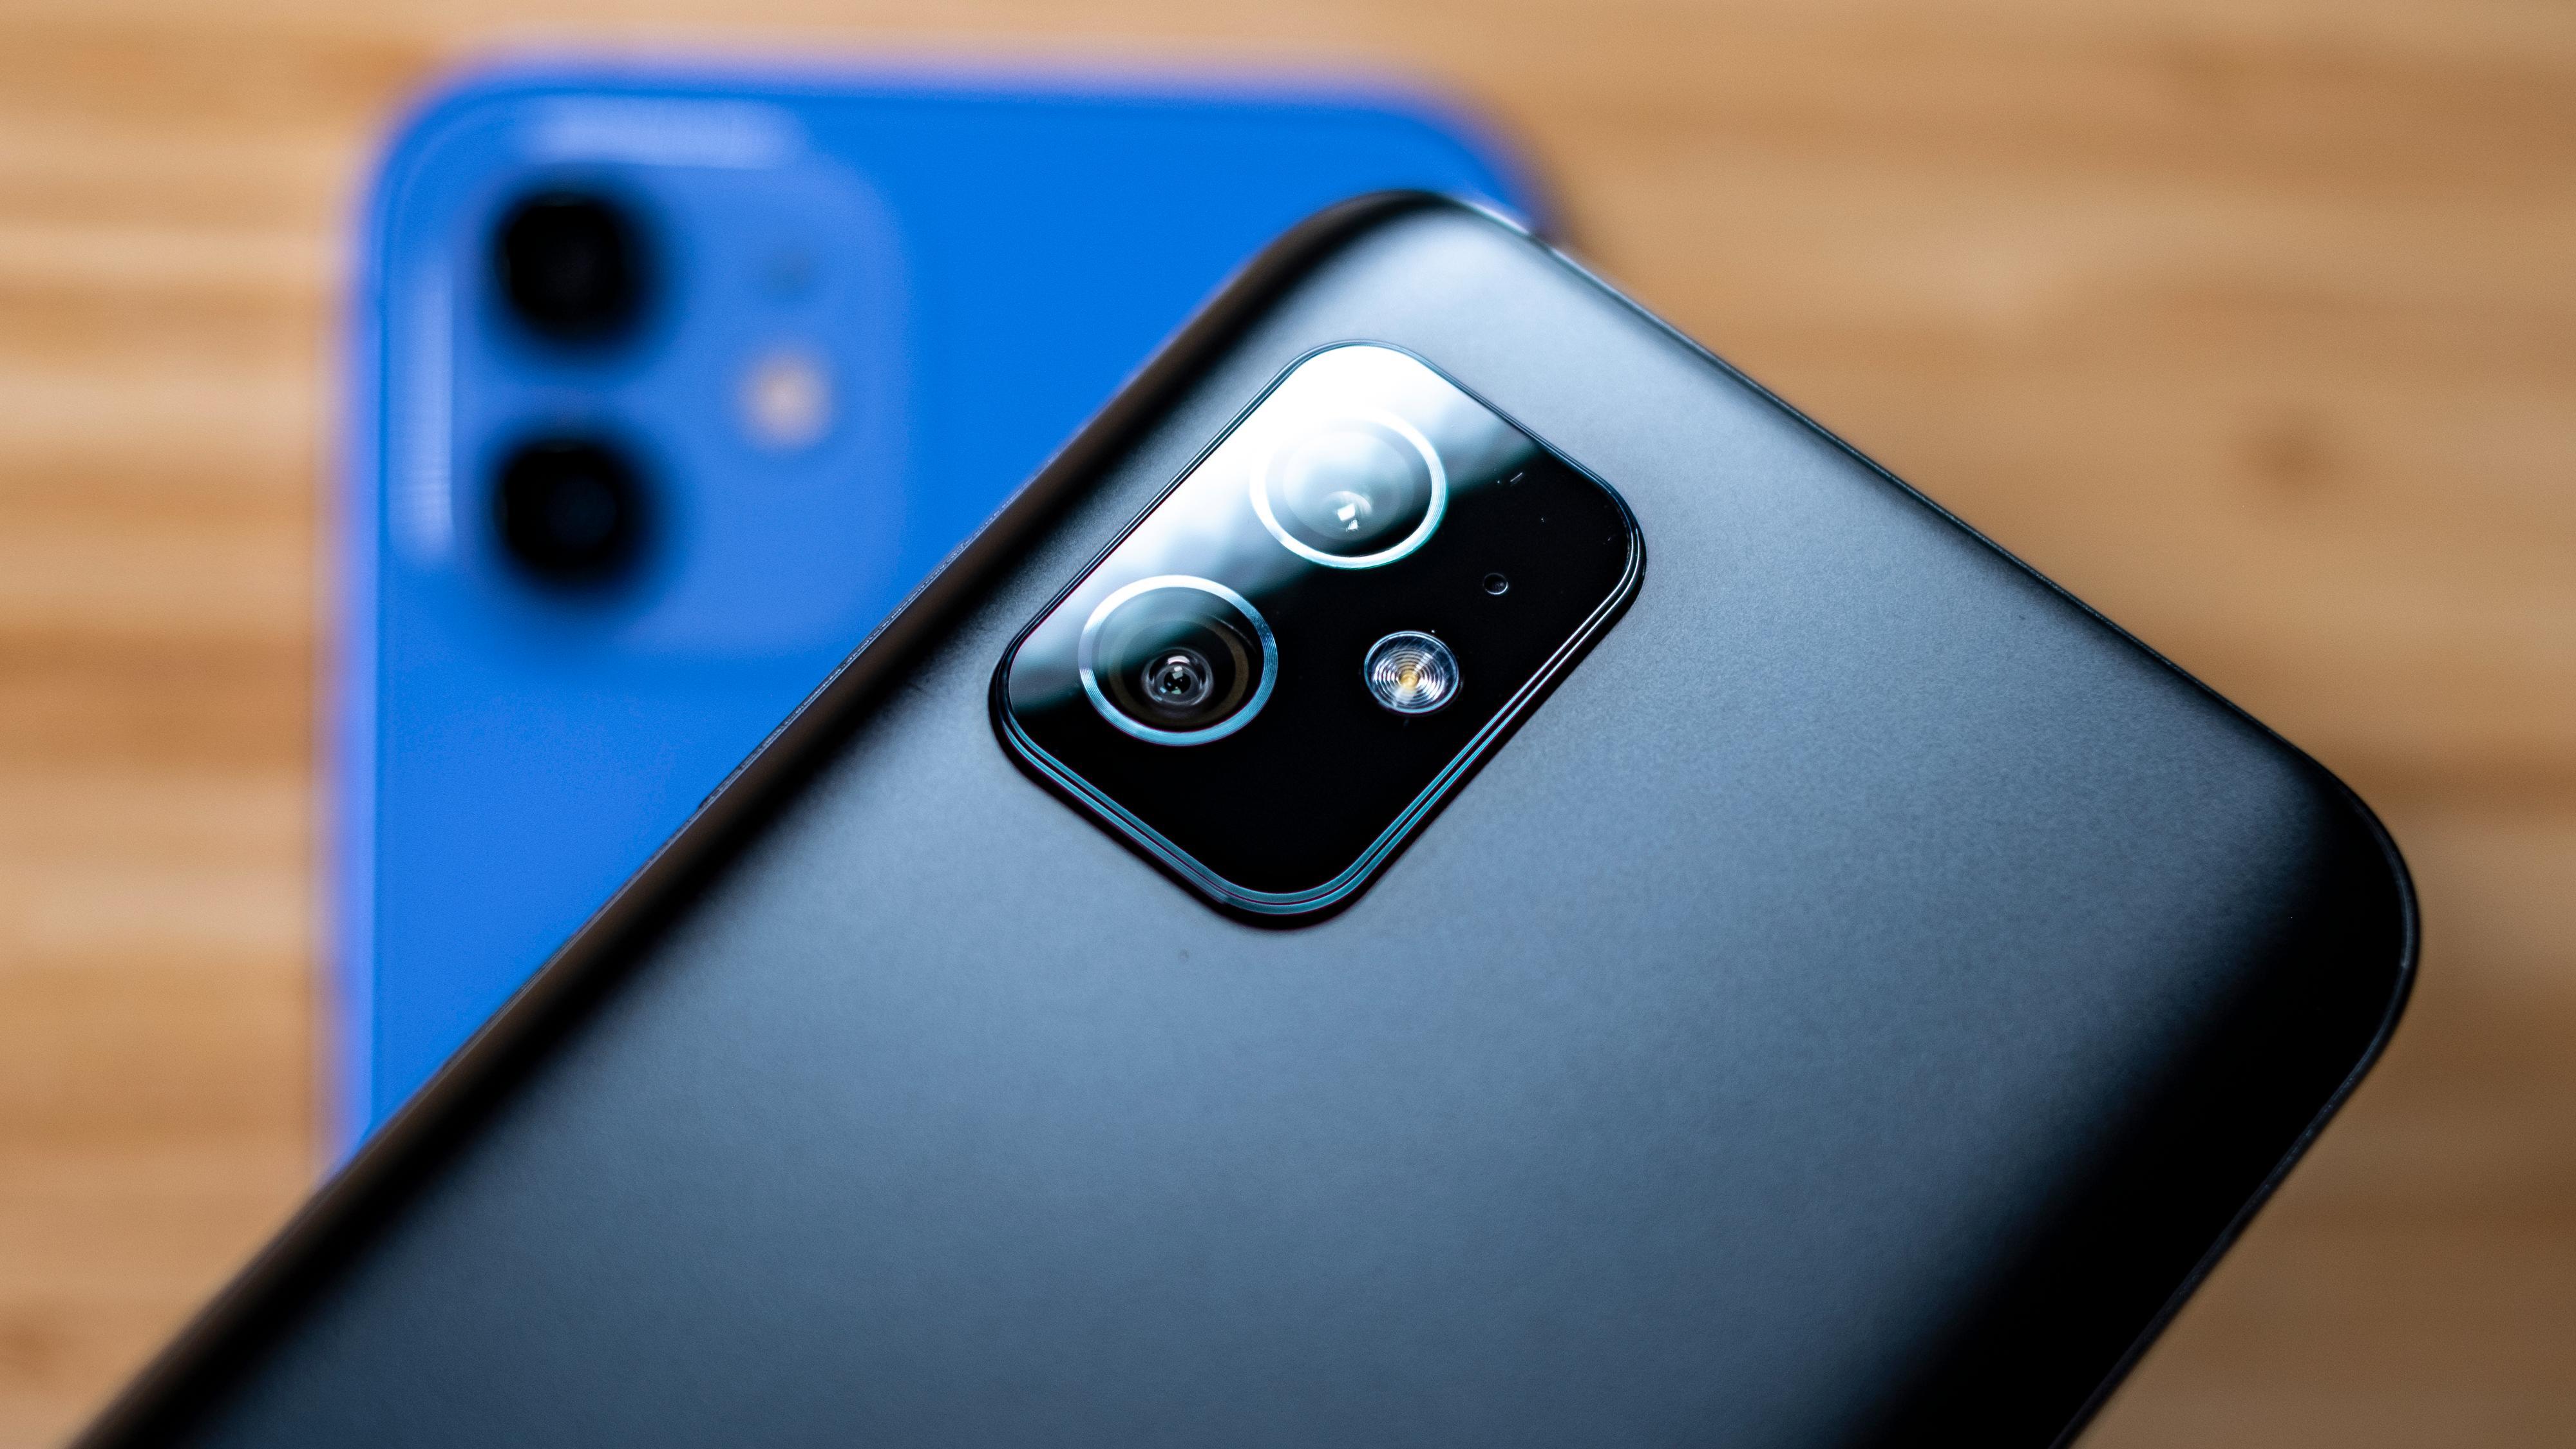 Kameramodulen på baksiden av Asusen er temmelig lik den Apple har i sin iPhone 12. Konstellasjonen vidvinkel og ultravidvinkel er samme «utvalg» som Apple har gjort, og trekantplasseringen med blits mellom de to øynene likner også veldig på det du finner i iPhone.